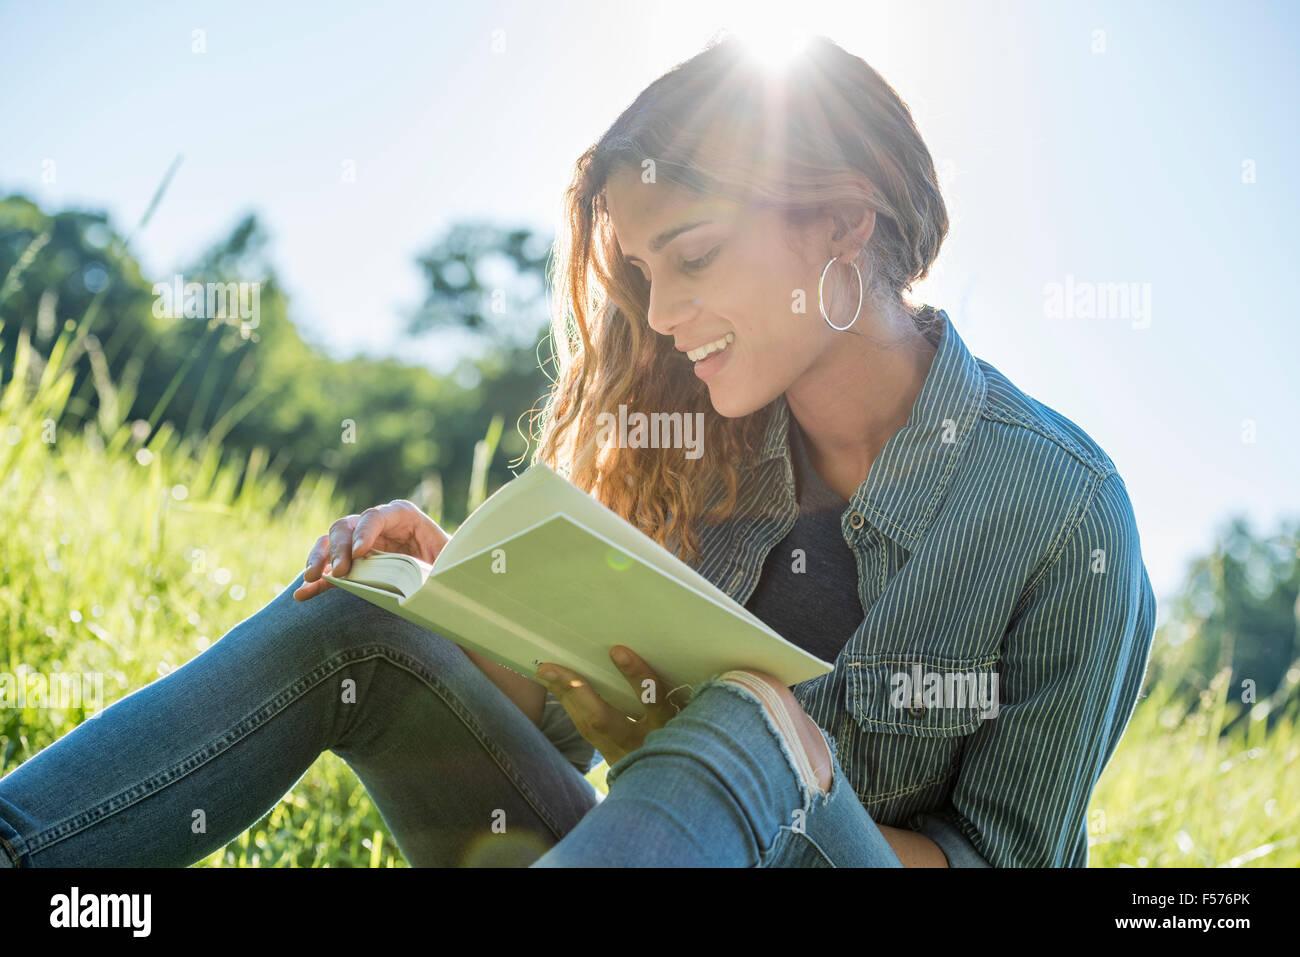 Una giovane donna seduta al sole la lettura di un libro Immagini Stock